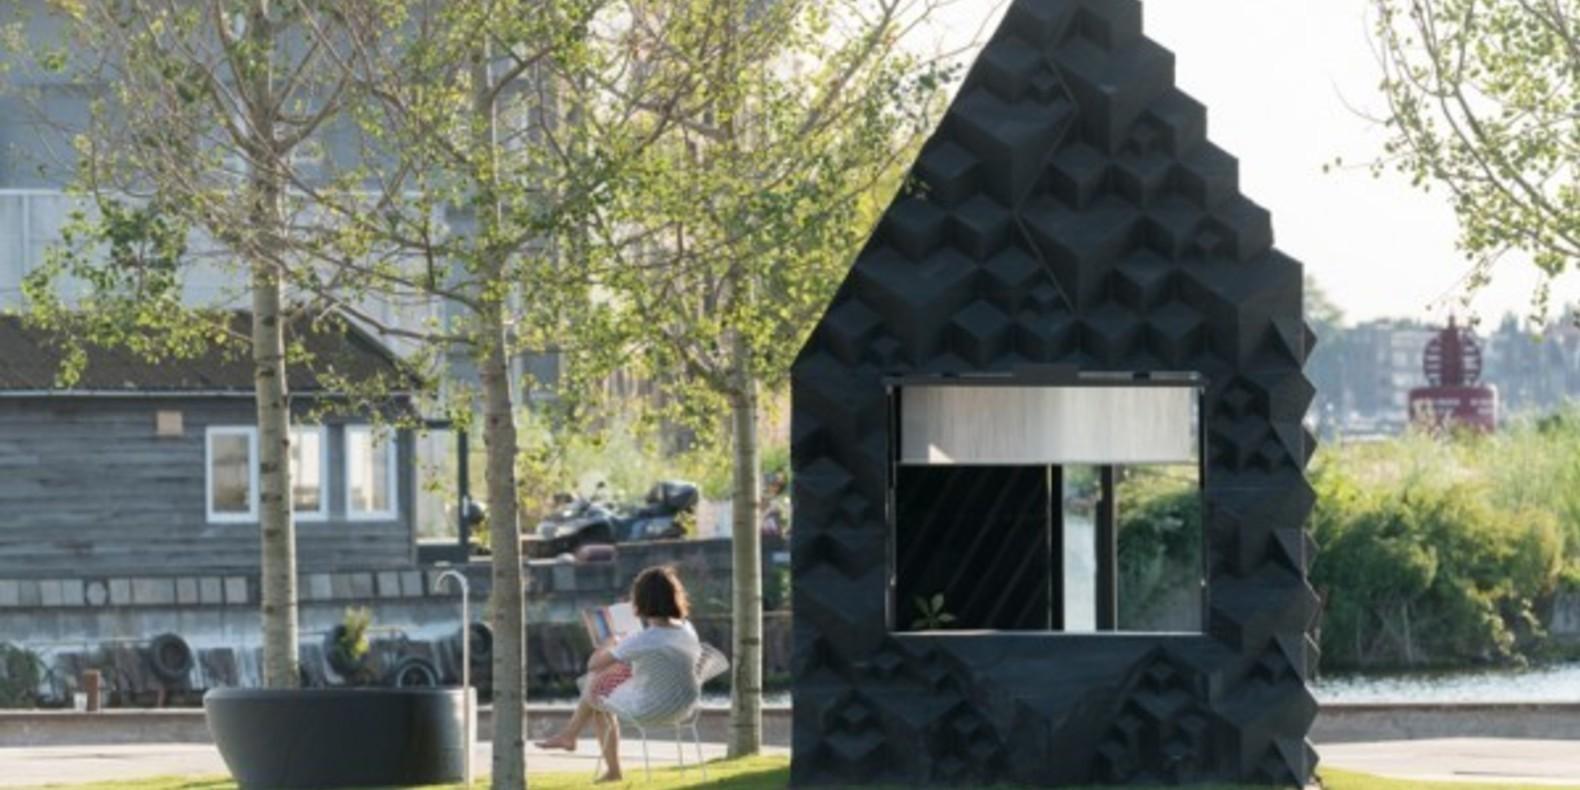 dus-architects-amsterdam-fichier-3d-cults-maison-imprimee-en-3d-1